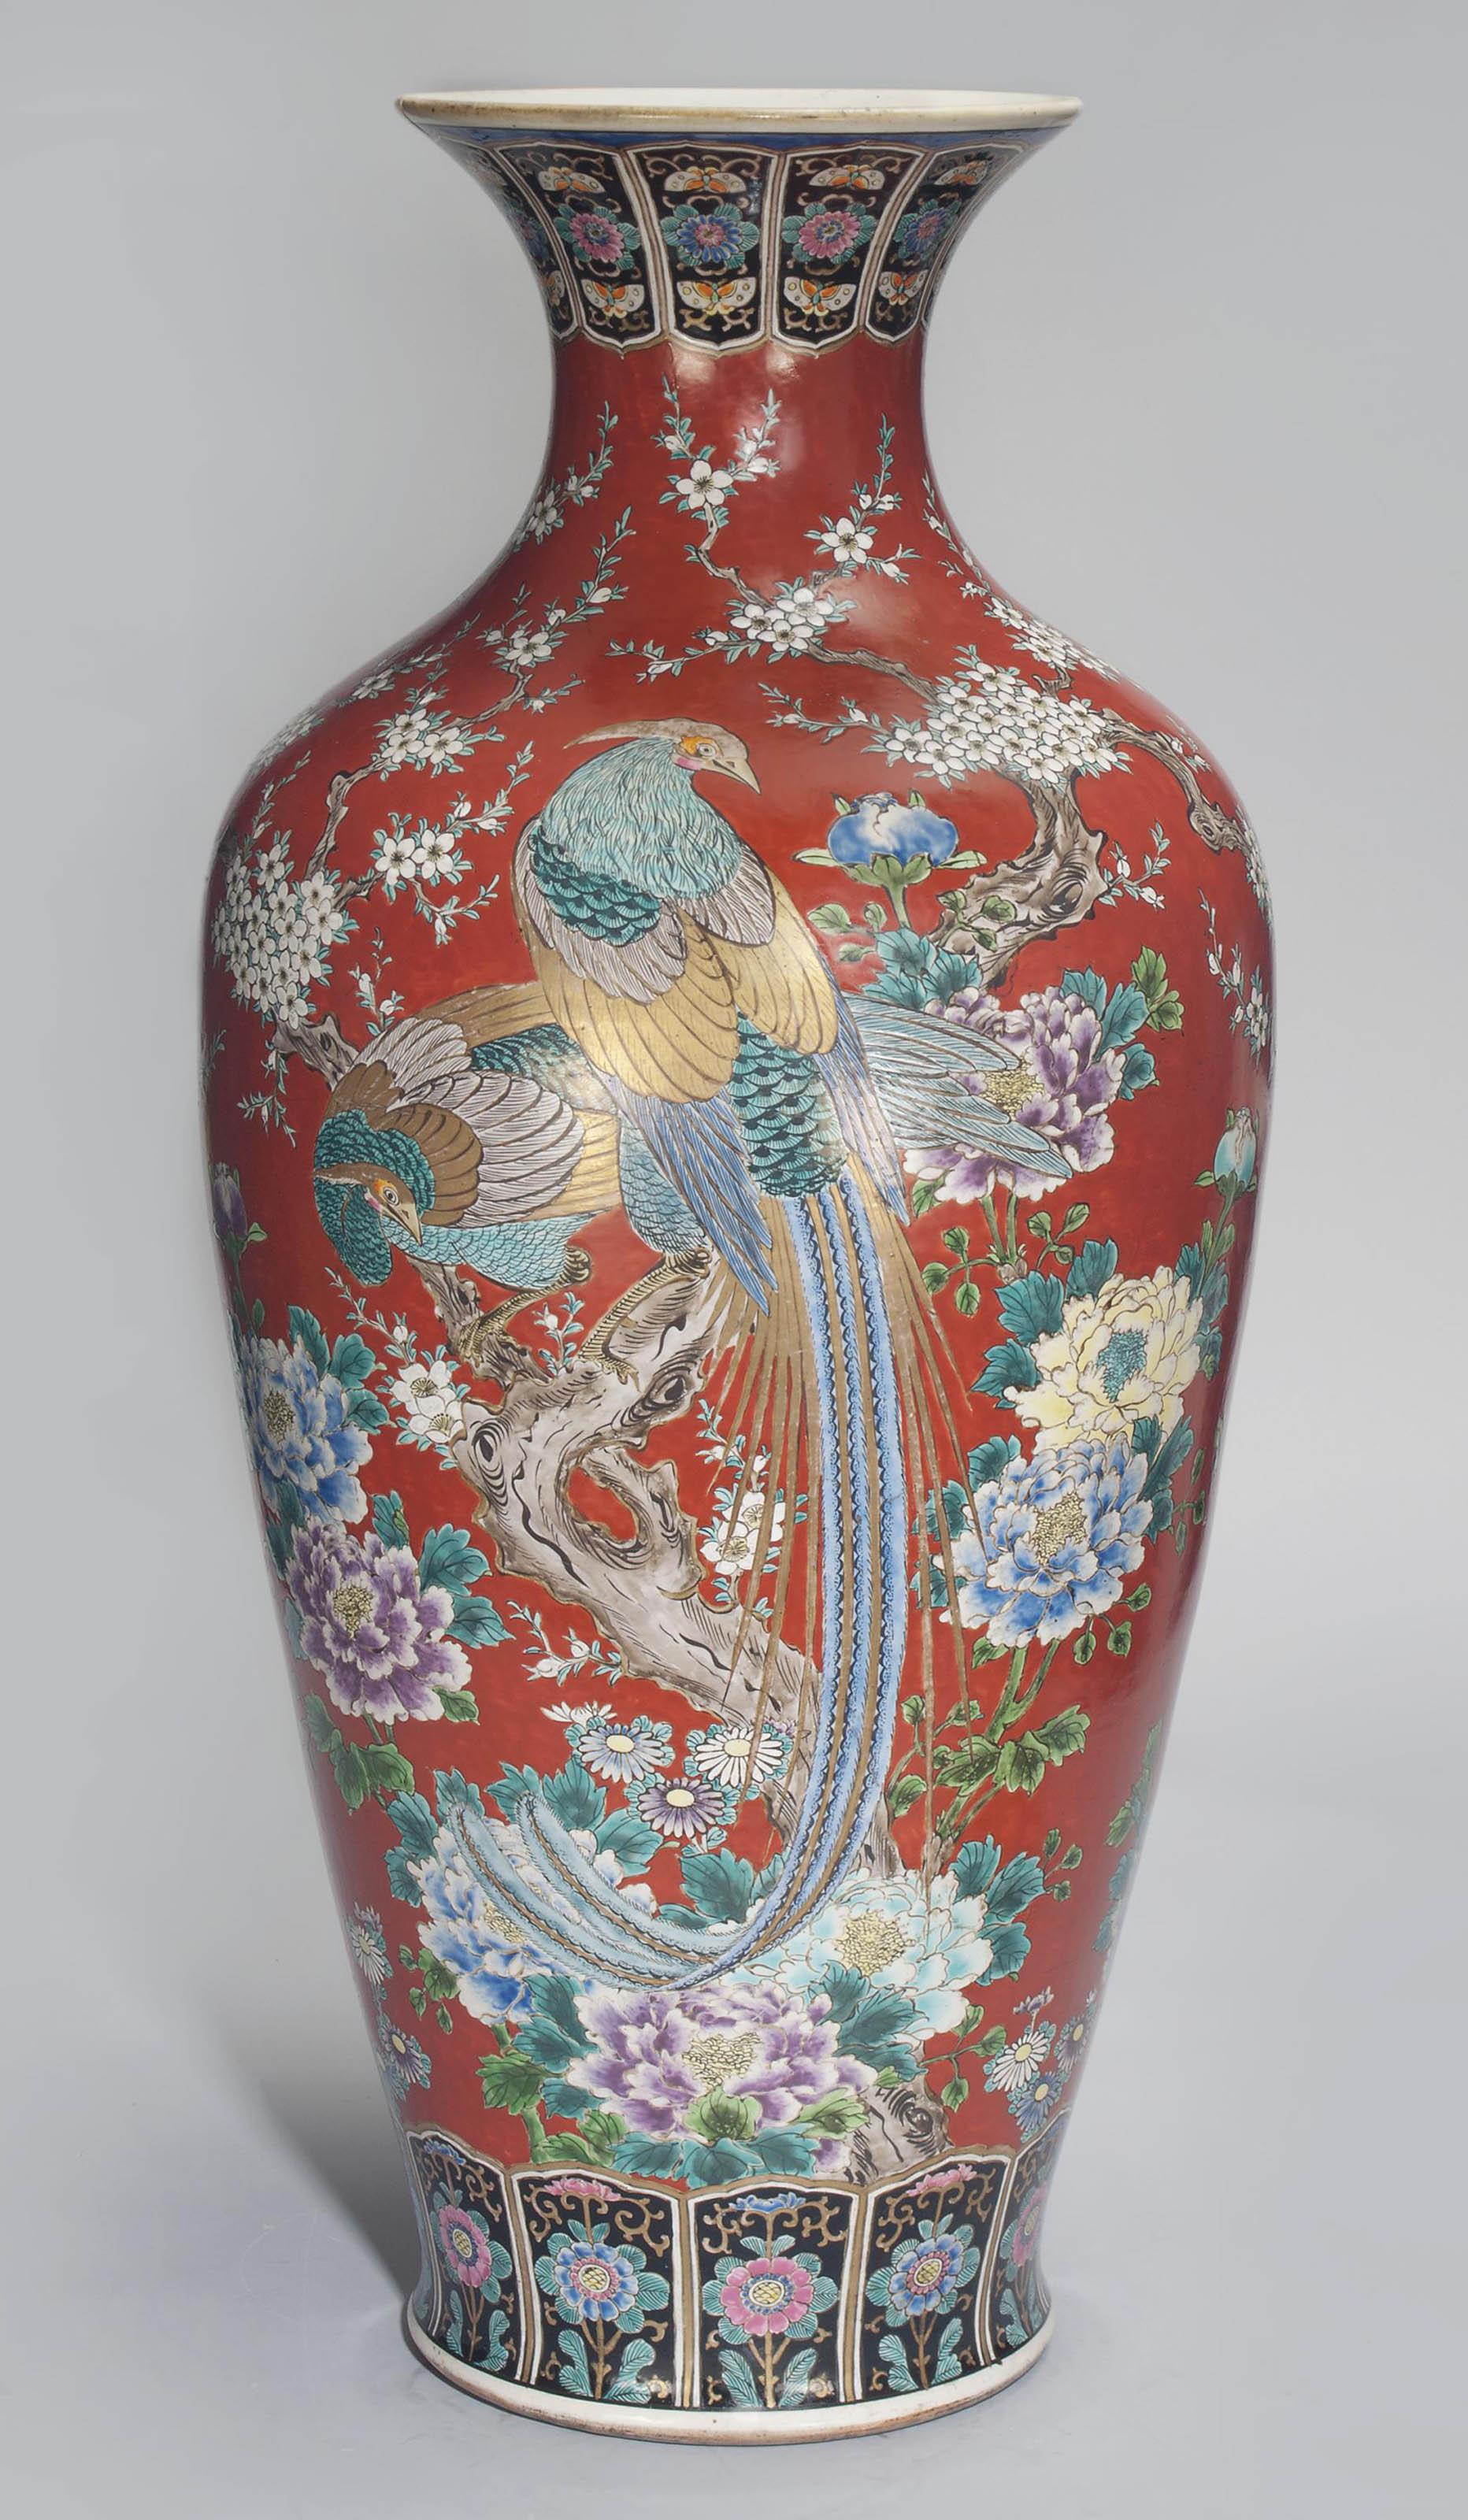 A Large Fukagawa Vase